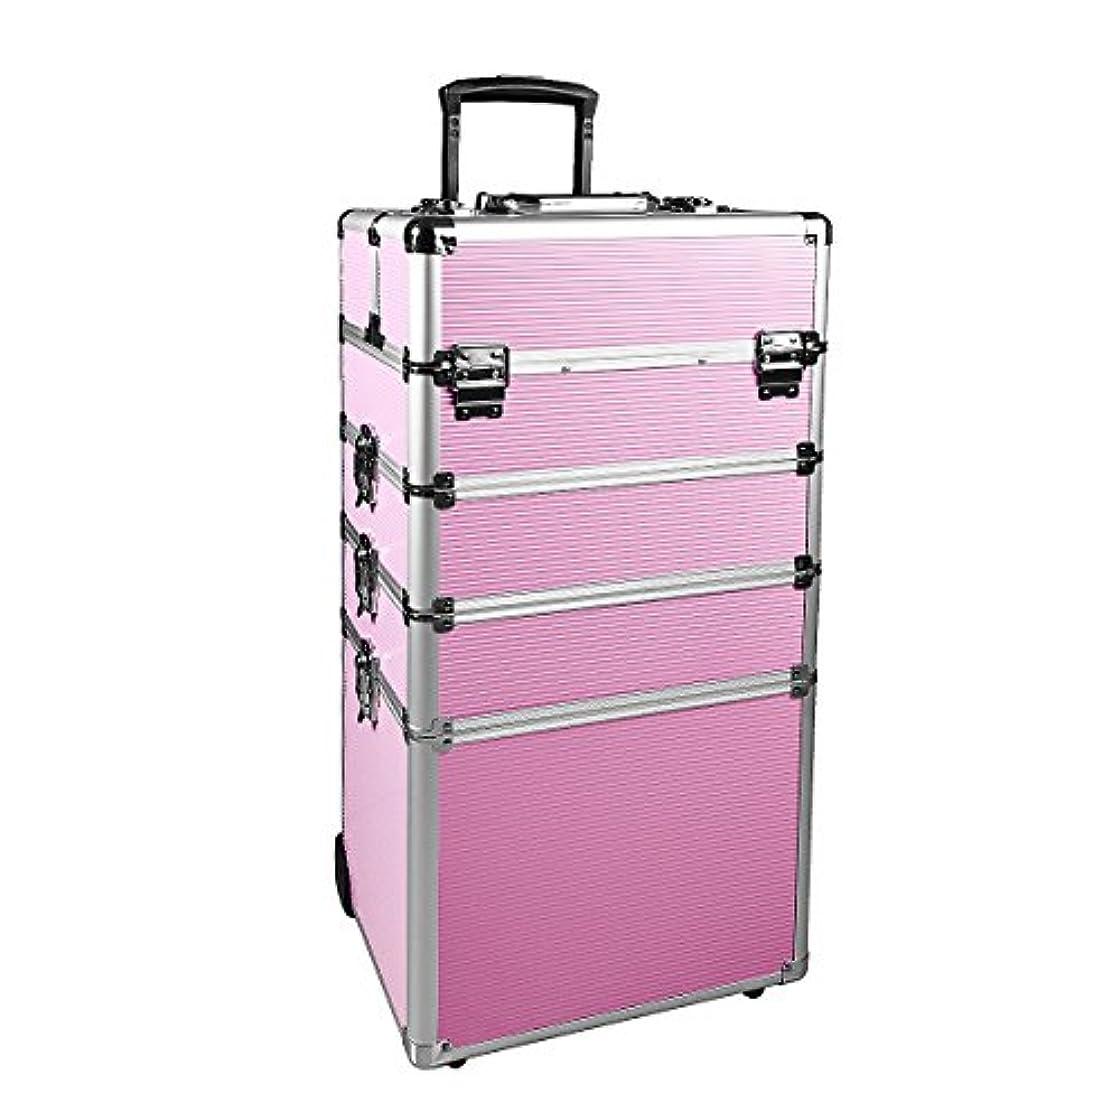 倉庫血物語NHSM 1つ プロ 化粧品ローリング主催 アルミフレームと折りたたみトレイで化粧列車 ケース4 ピンク